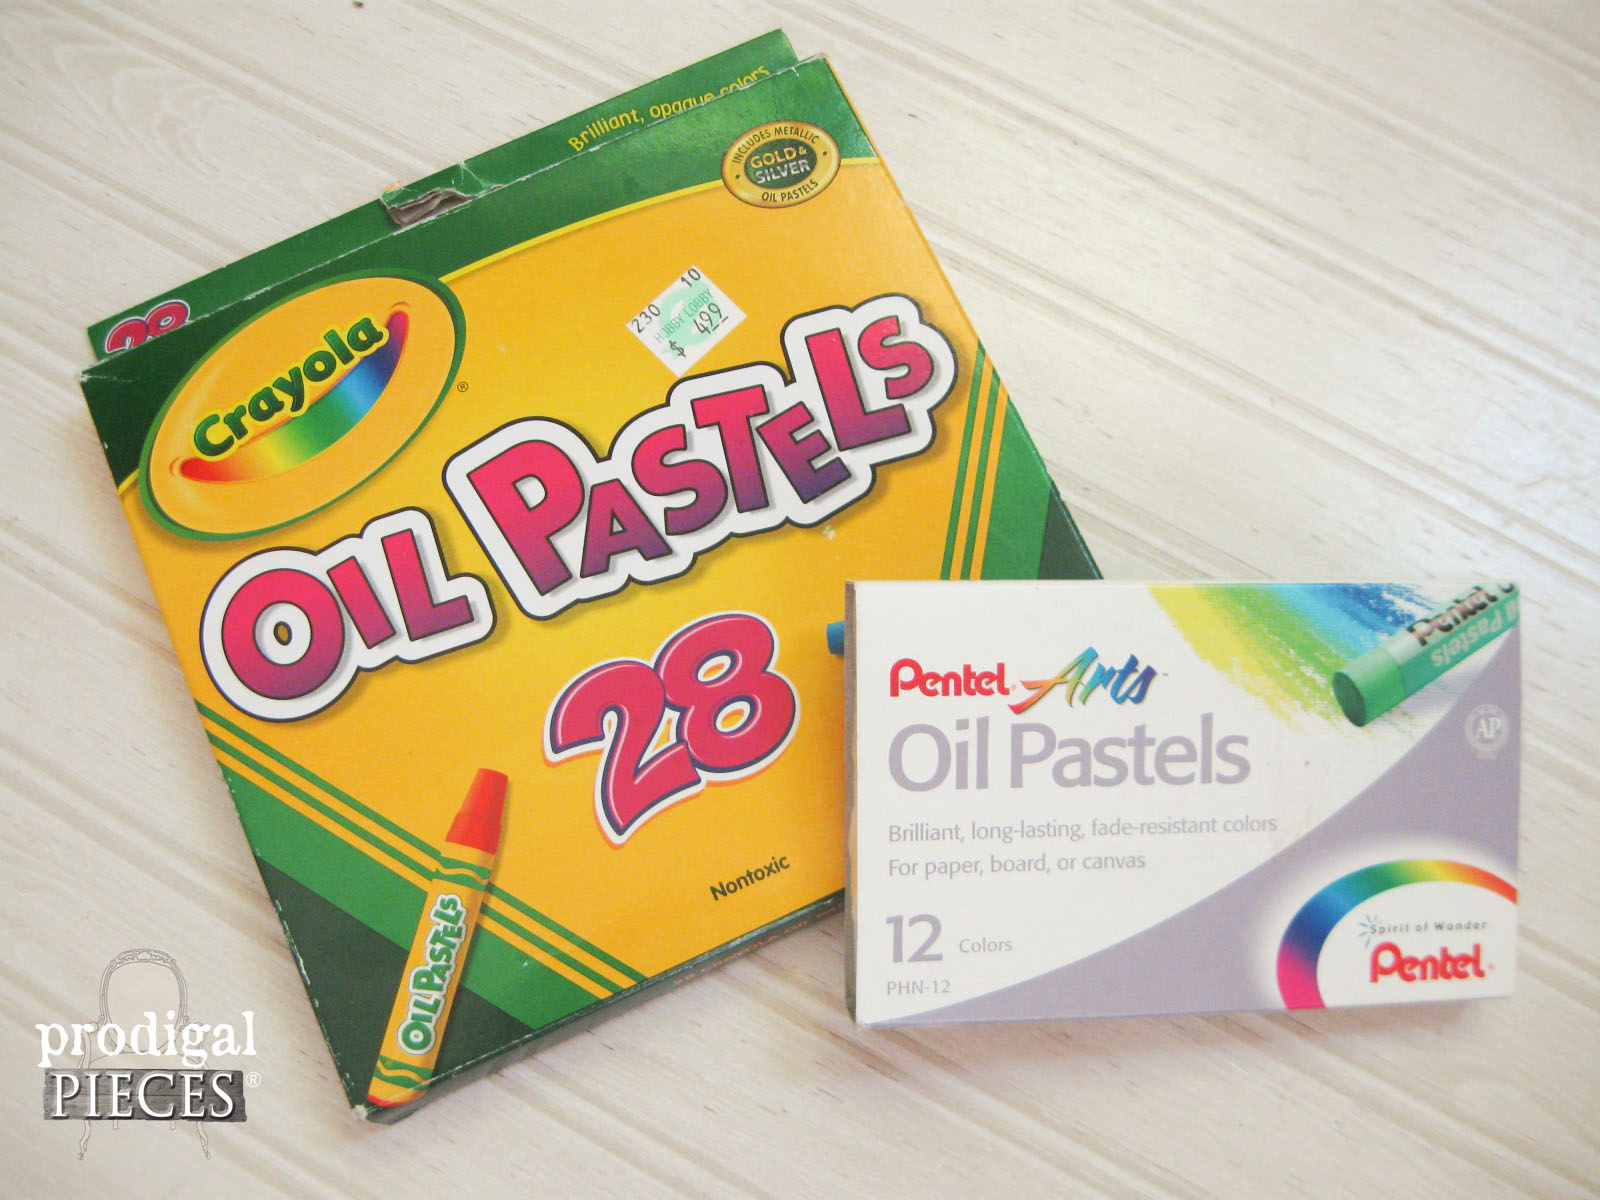 DIY: Repurposed & Painted Sign Tutorial by Prodigal Pieces www.prodigalpieces.com #prodigalpieces